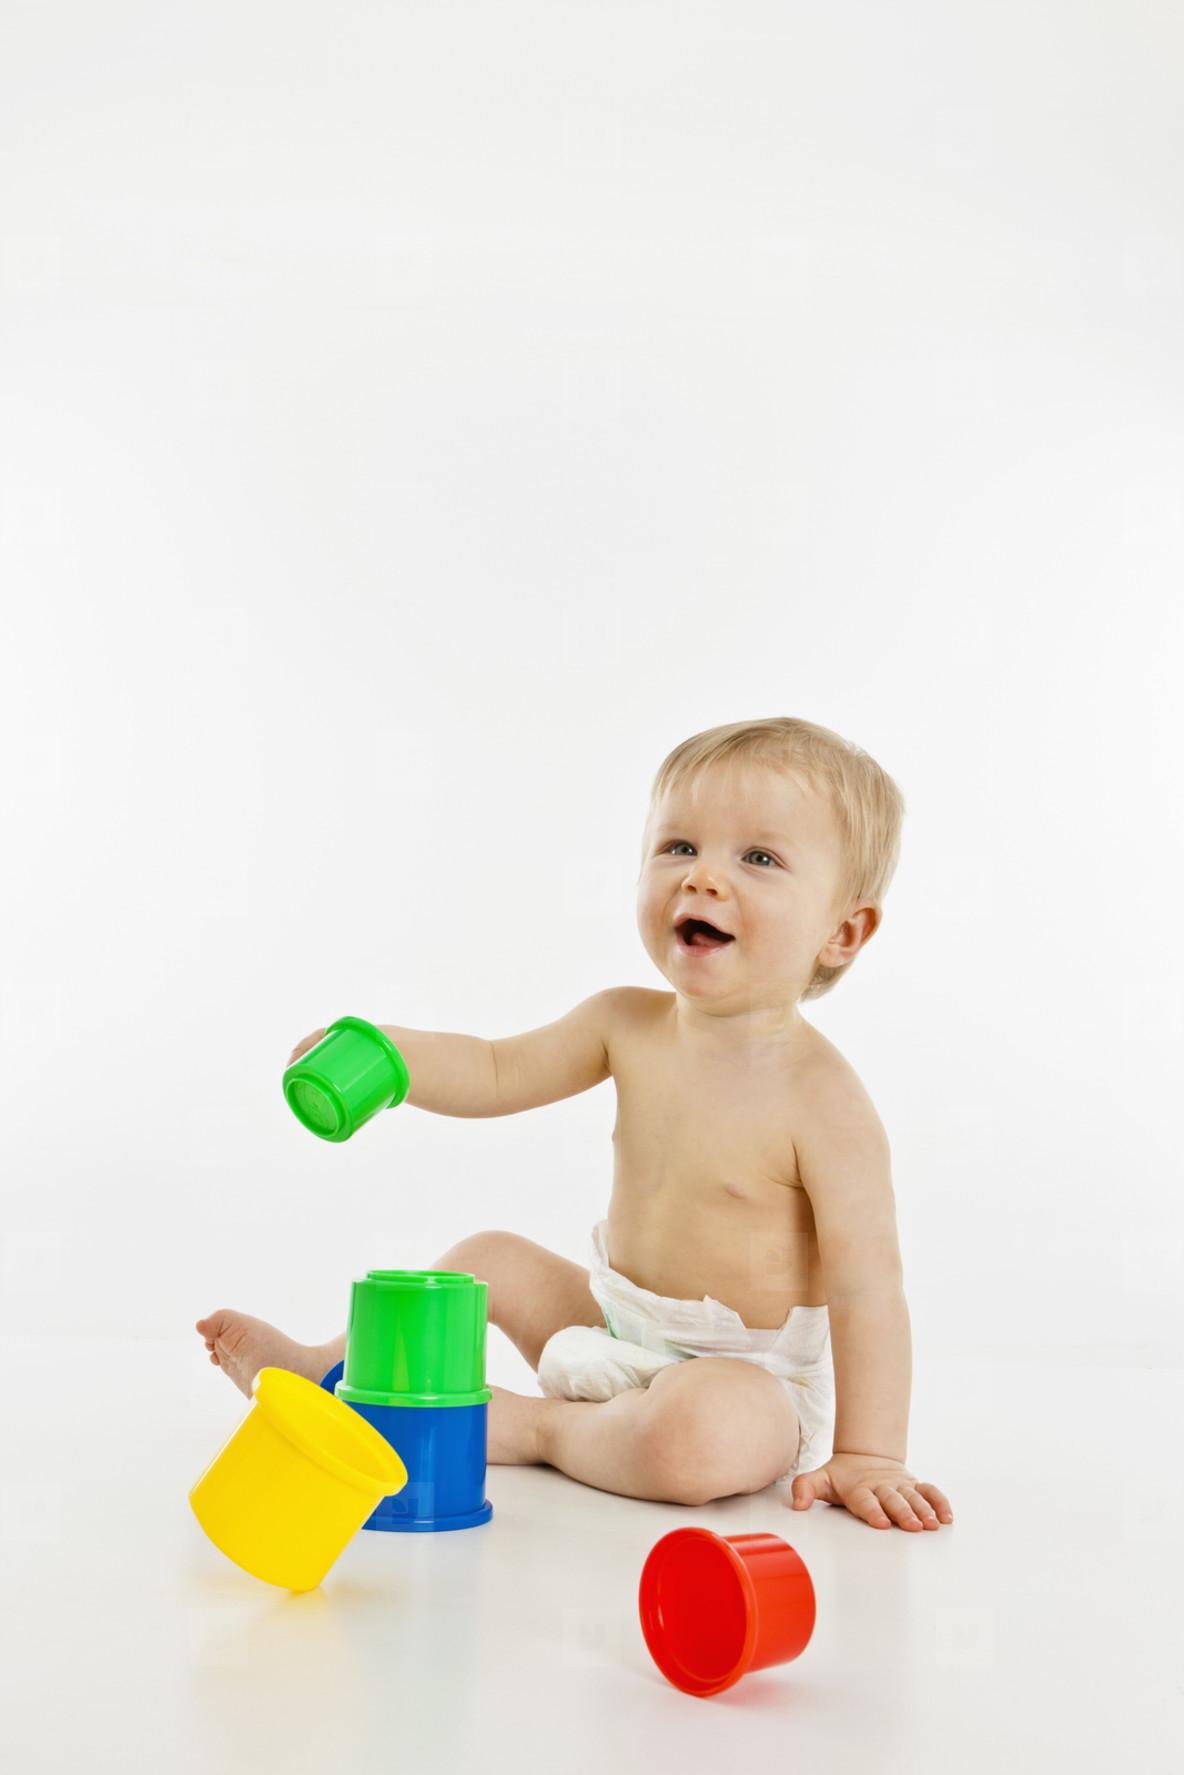 Baby Portraits  21